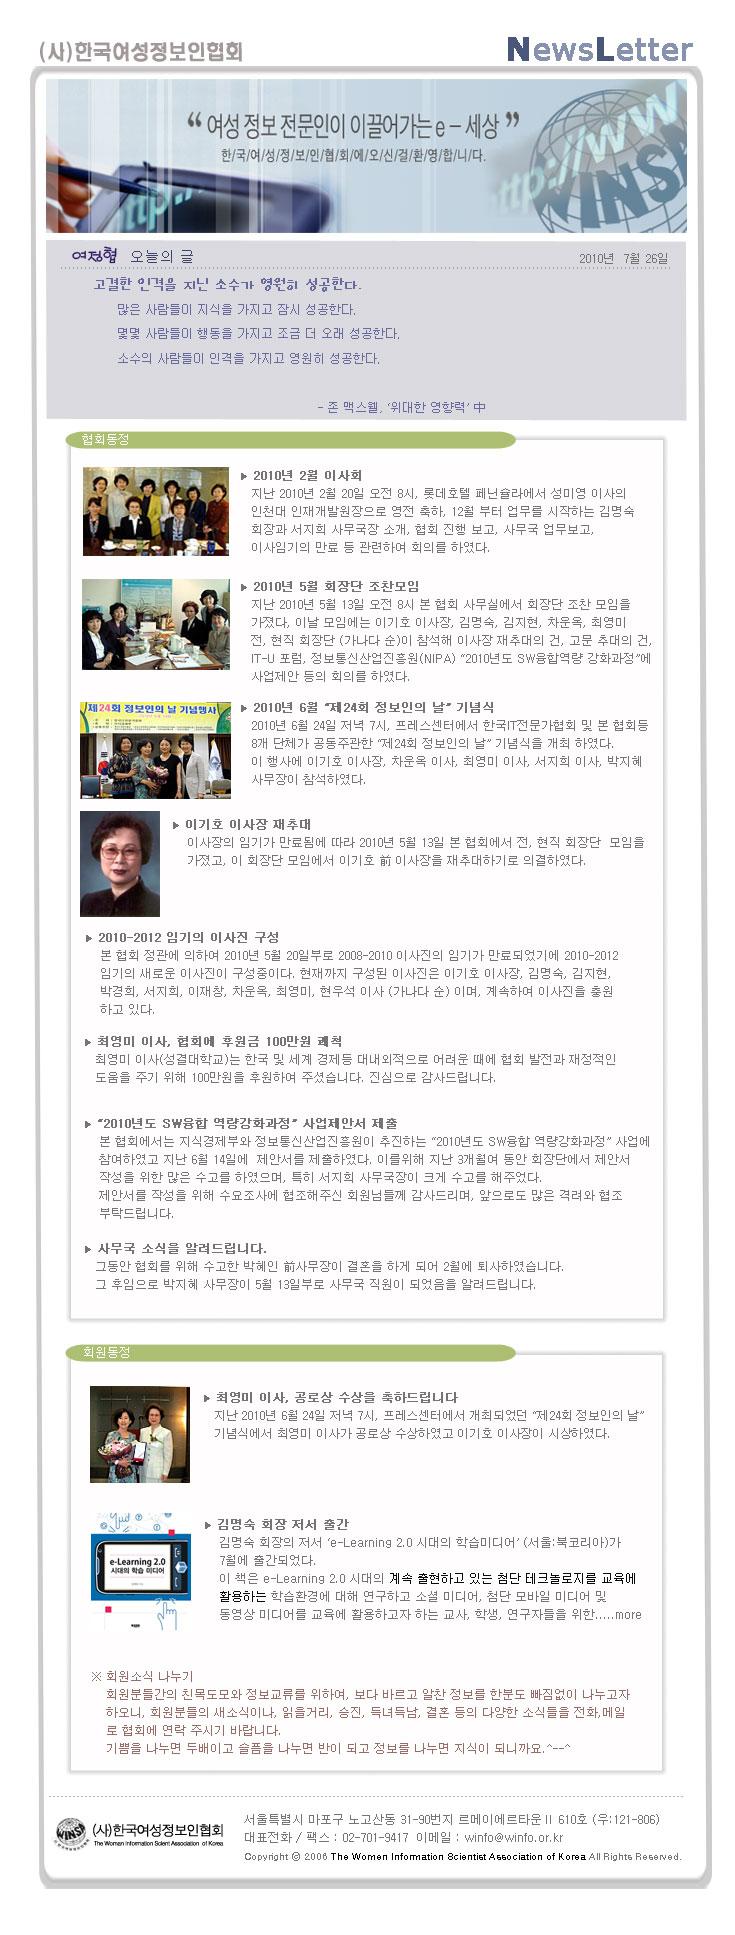 newsletter20100726-img.jpg